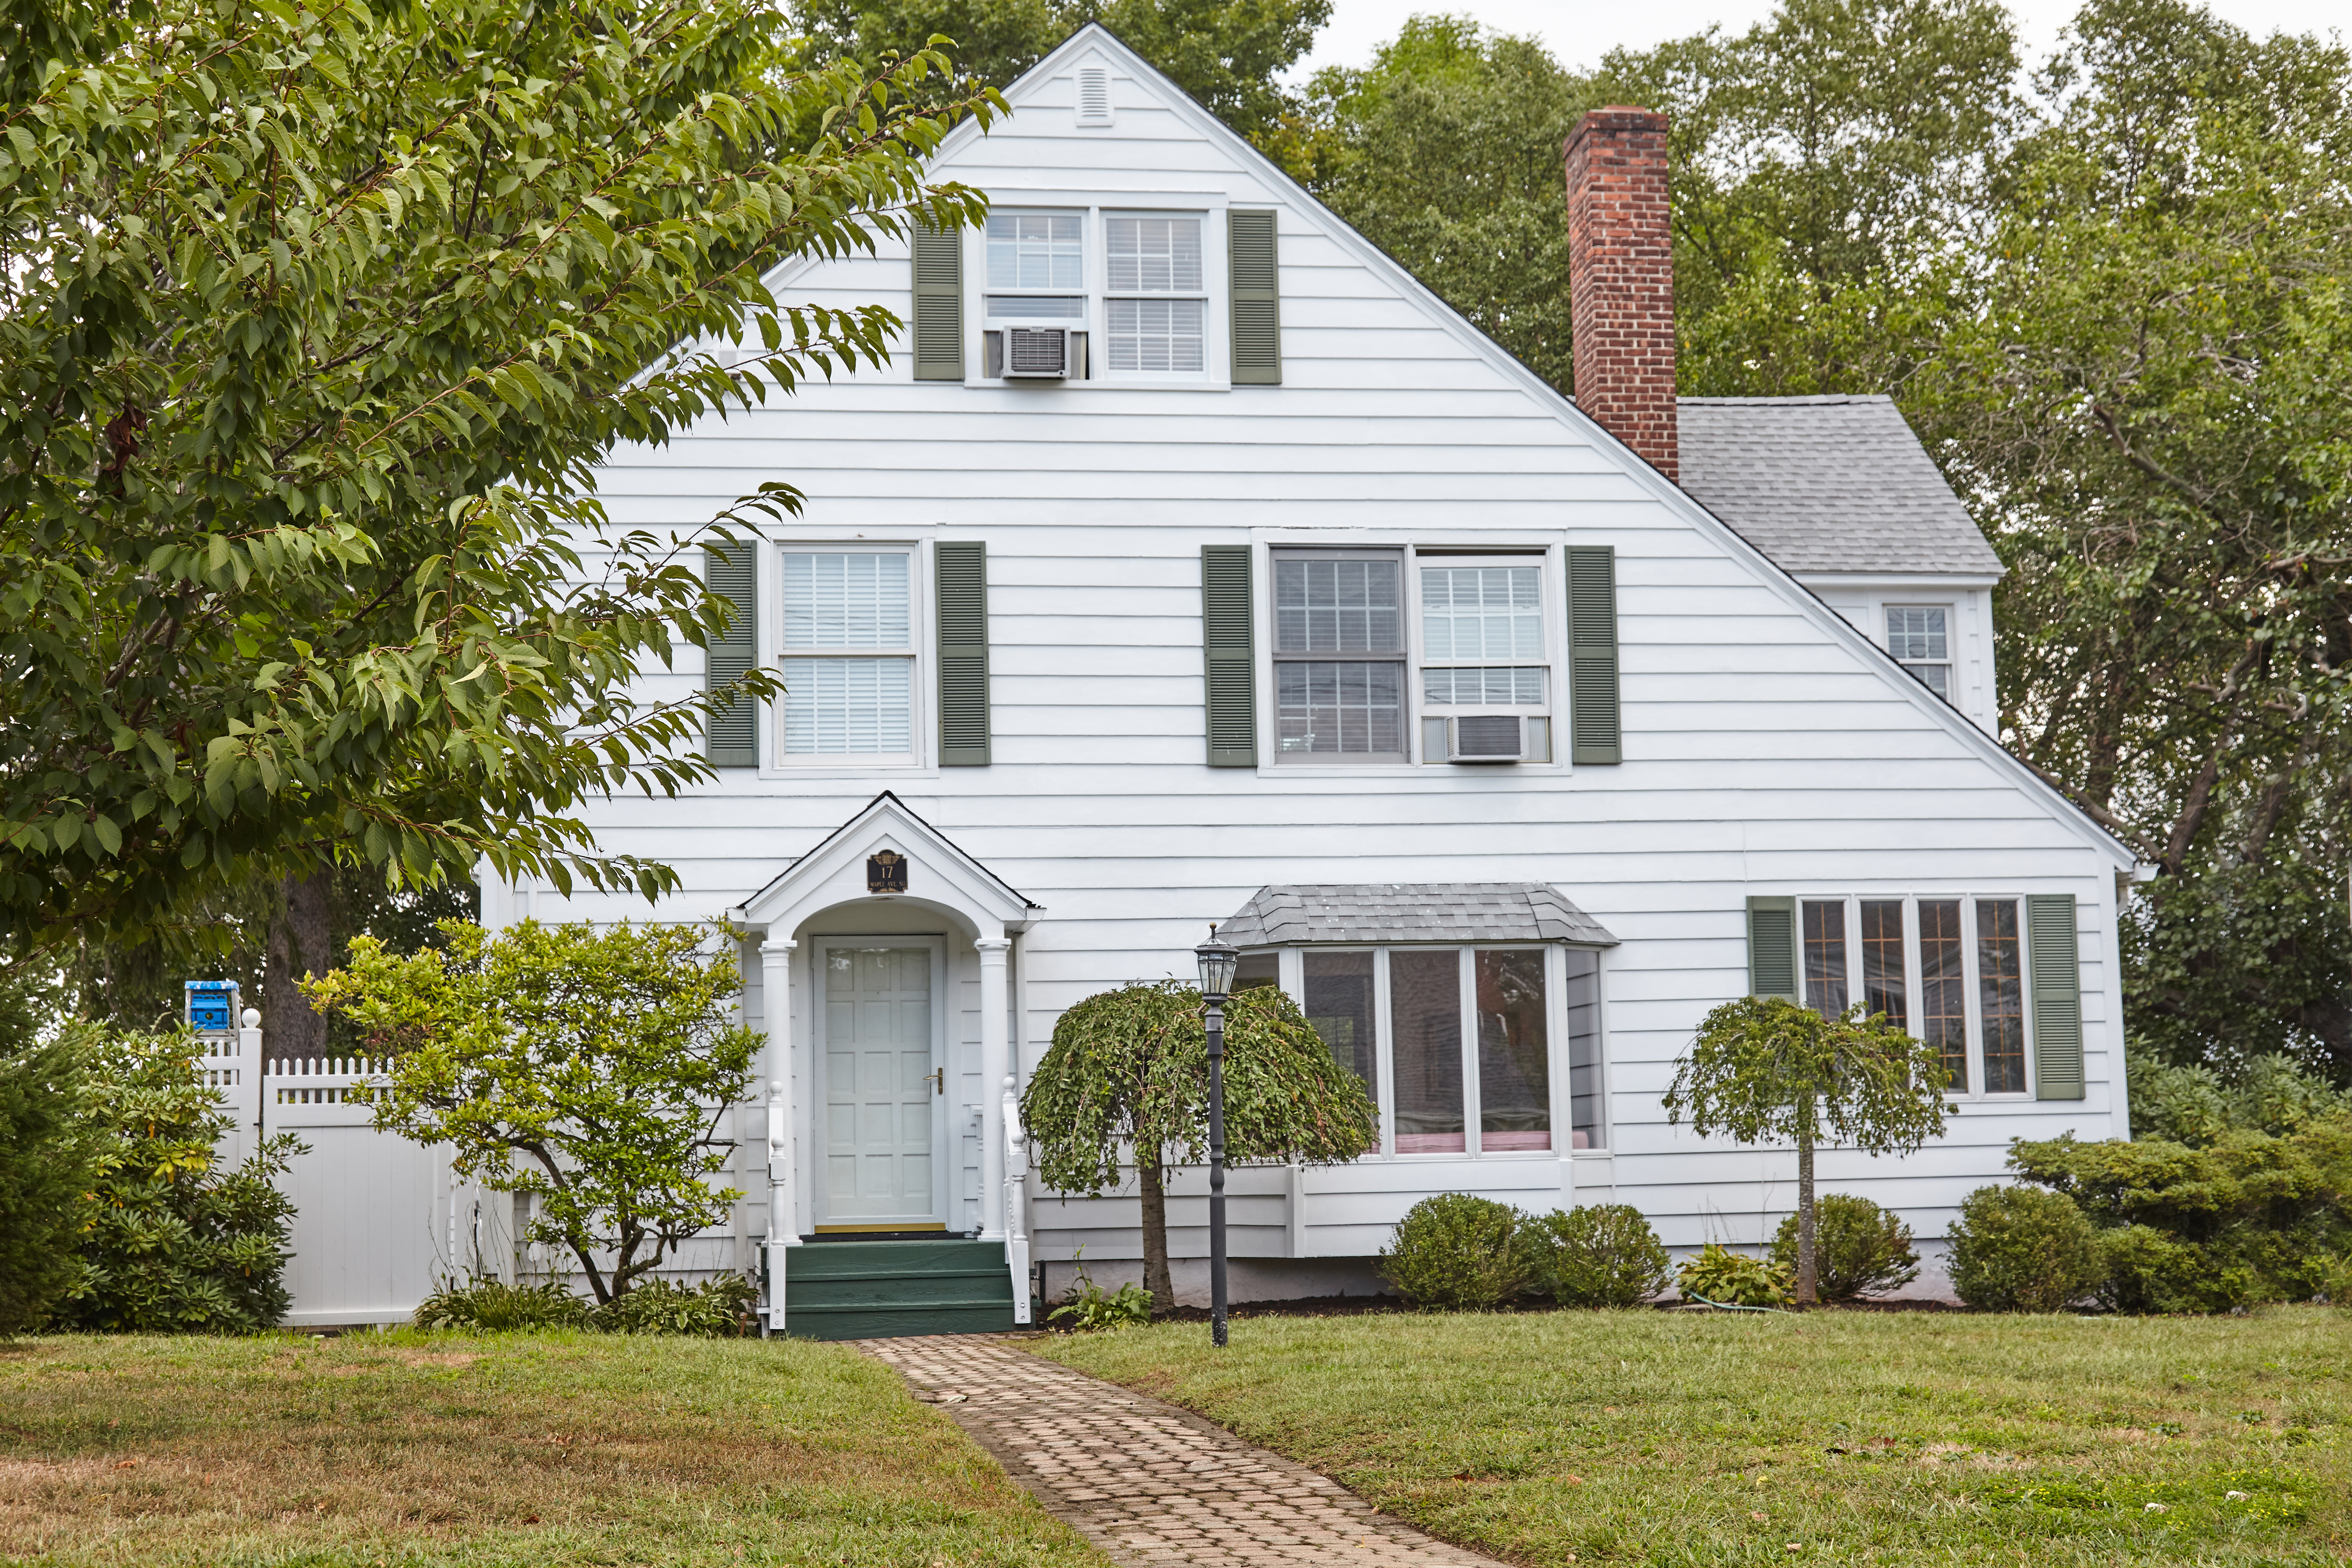 단독 가정 주택 용 매매 에 Greens Farms Area 17 Maple Avenue South Westport, 코네티컷, 06880 미국